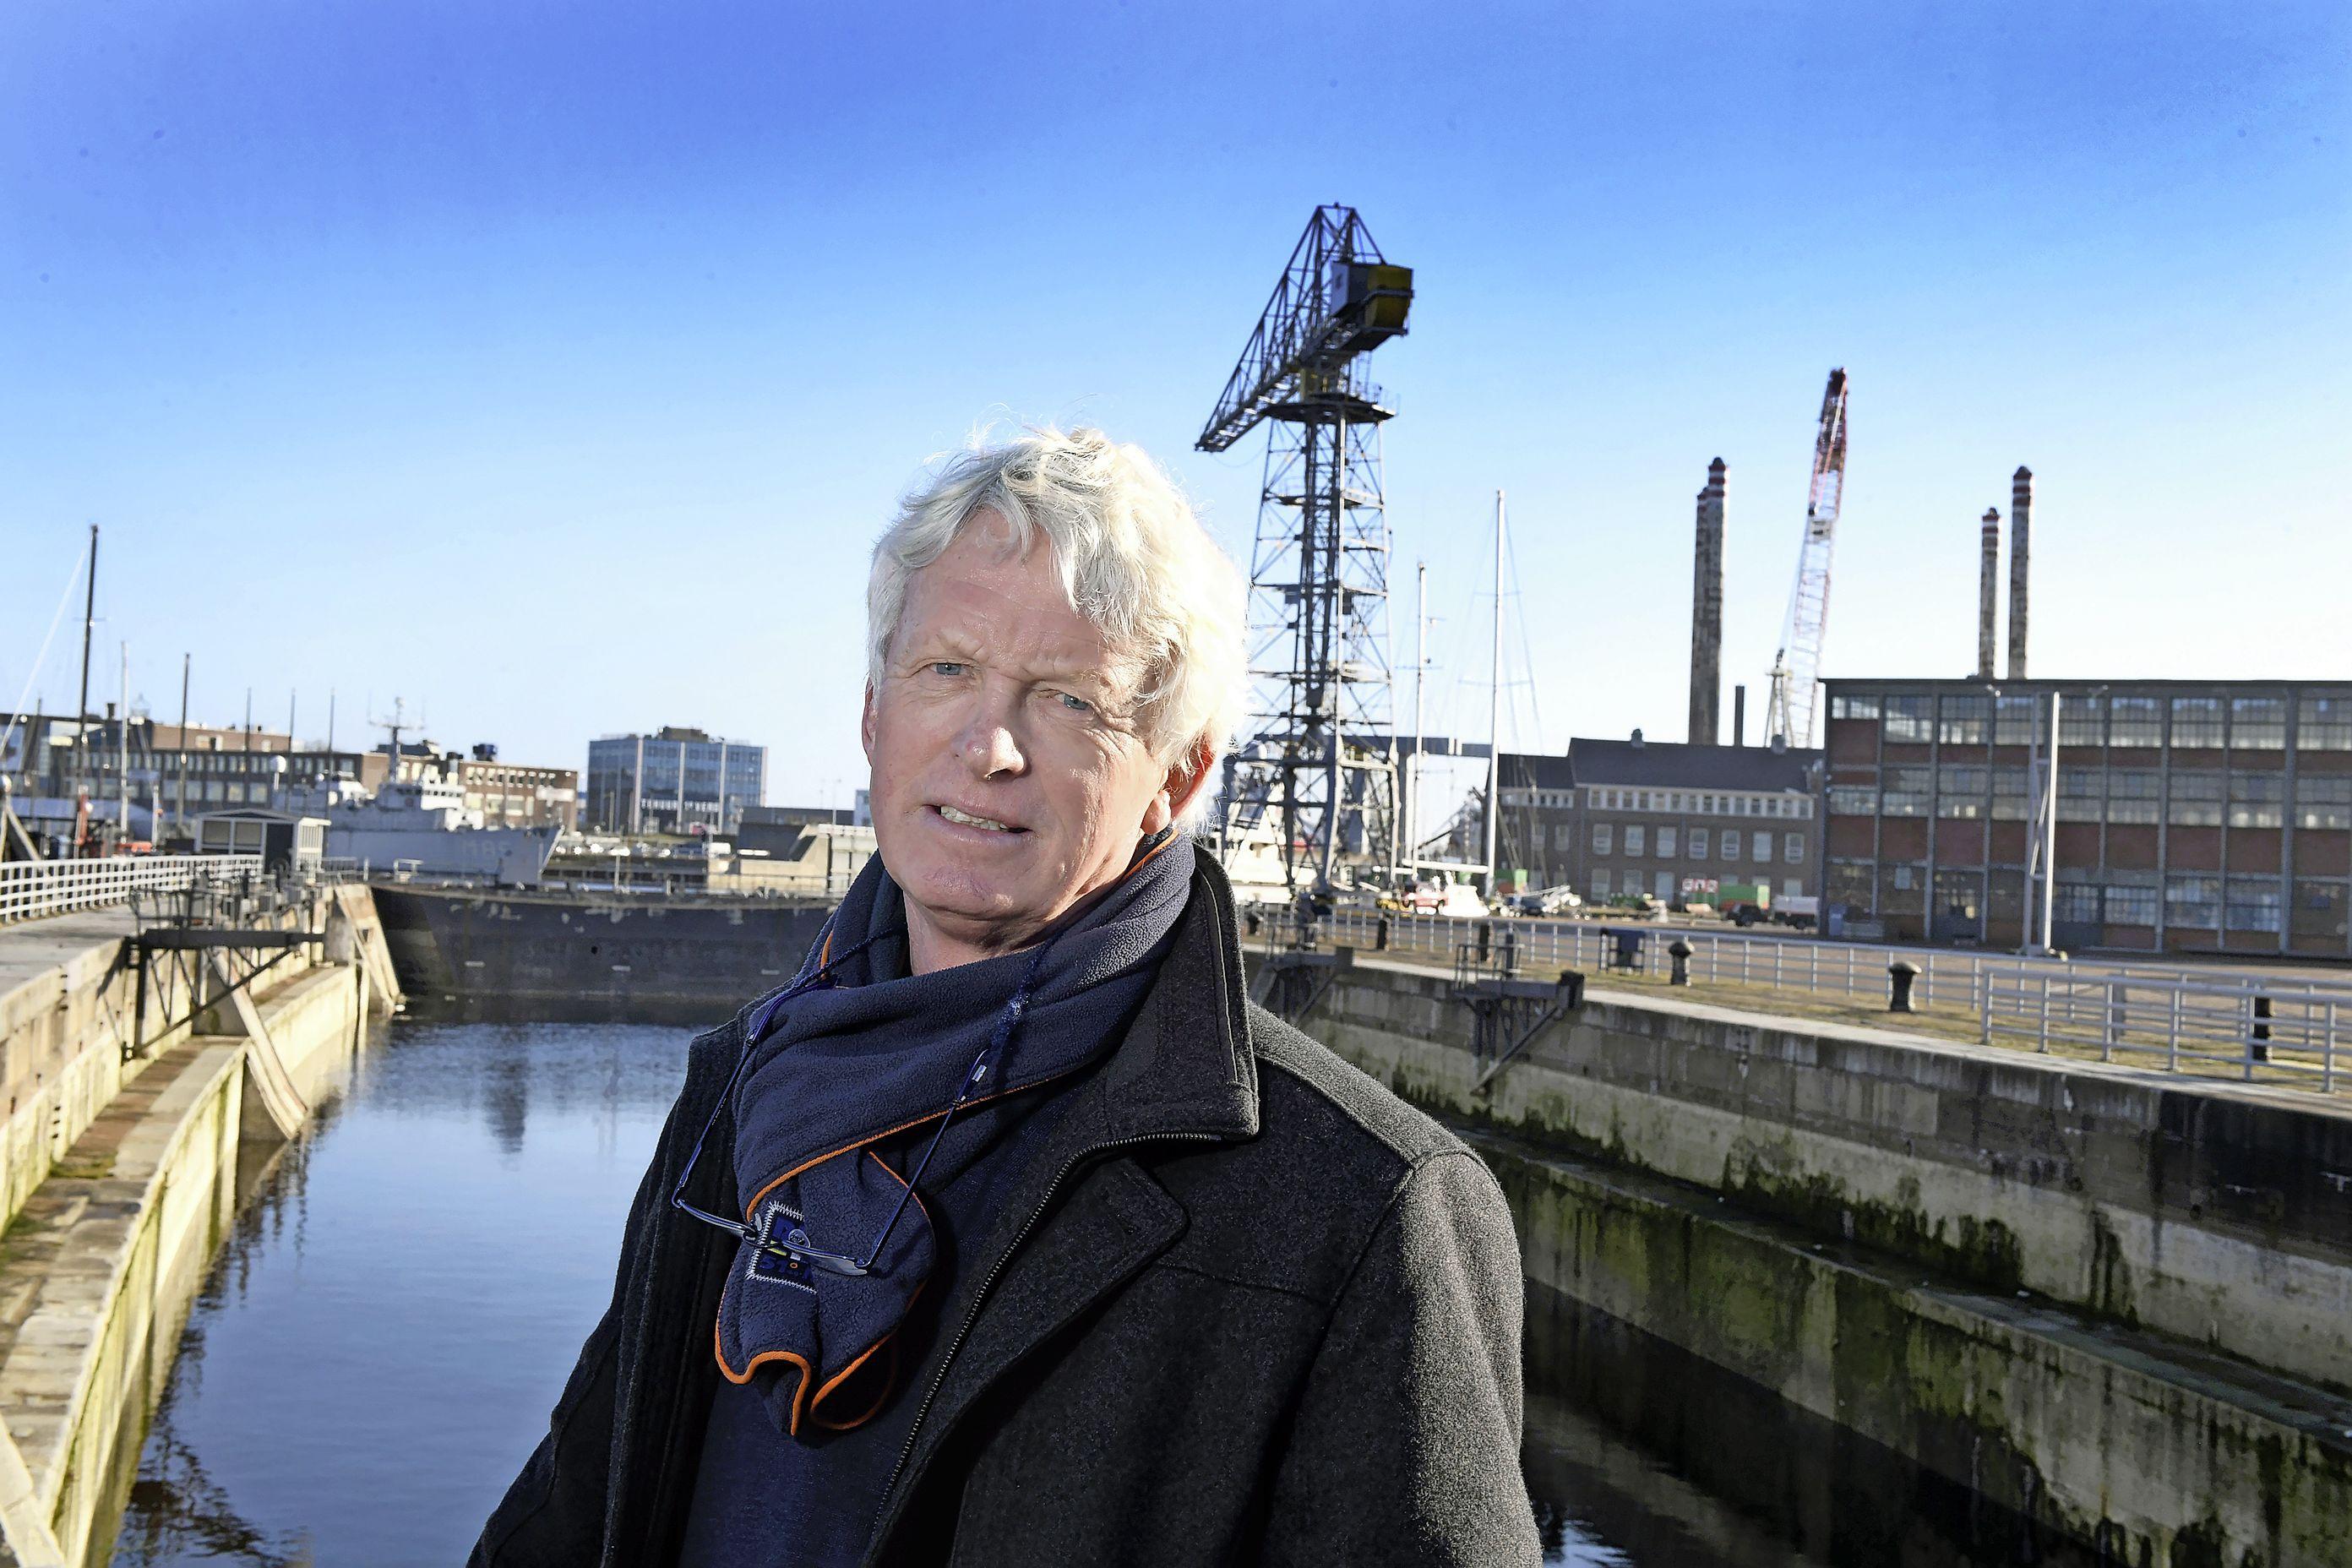 Het stadhuis op Willemsoord wordt de doodsteek voor werk aan schepen in dok 2. 'Dit plan gaat Helderse ondernemers miljoenen aan omzet kosten', voorspelt directeur Jelle Loosman van Damen Shipyards Den Helder